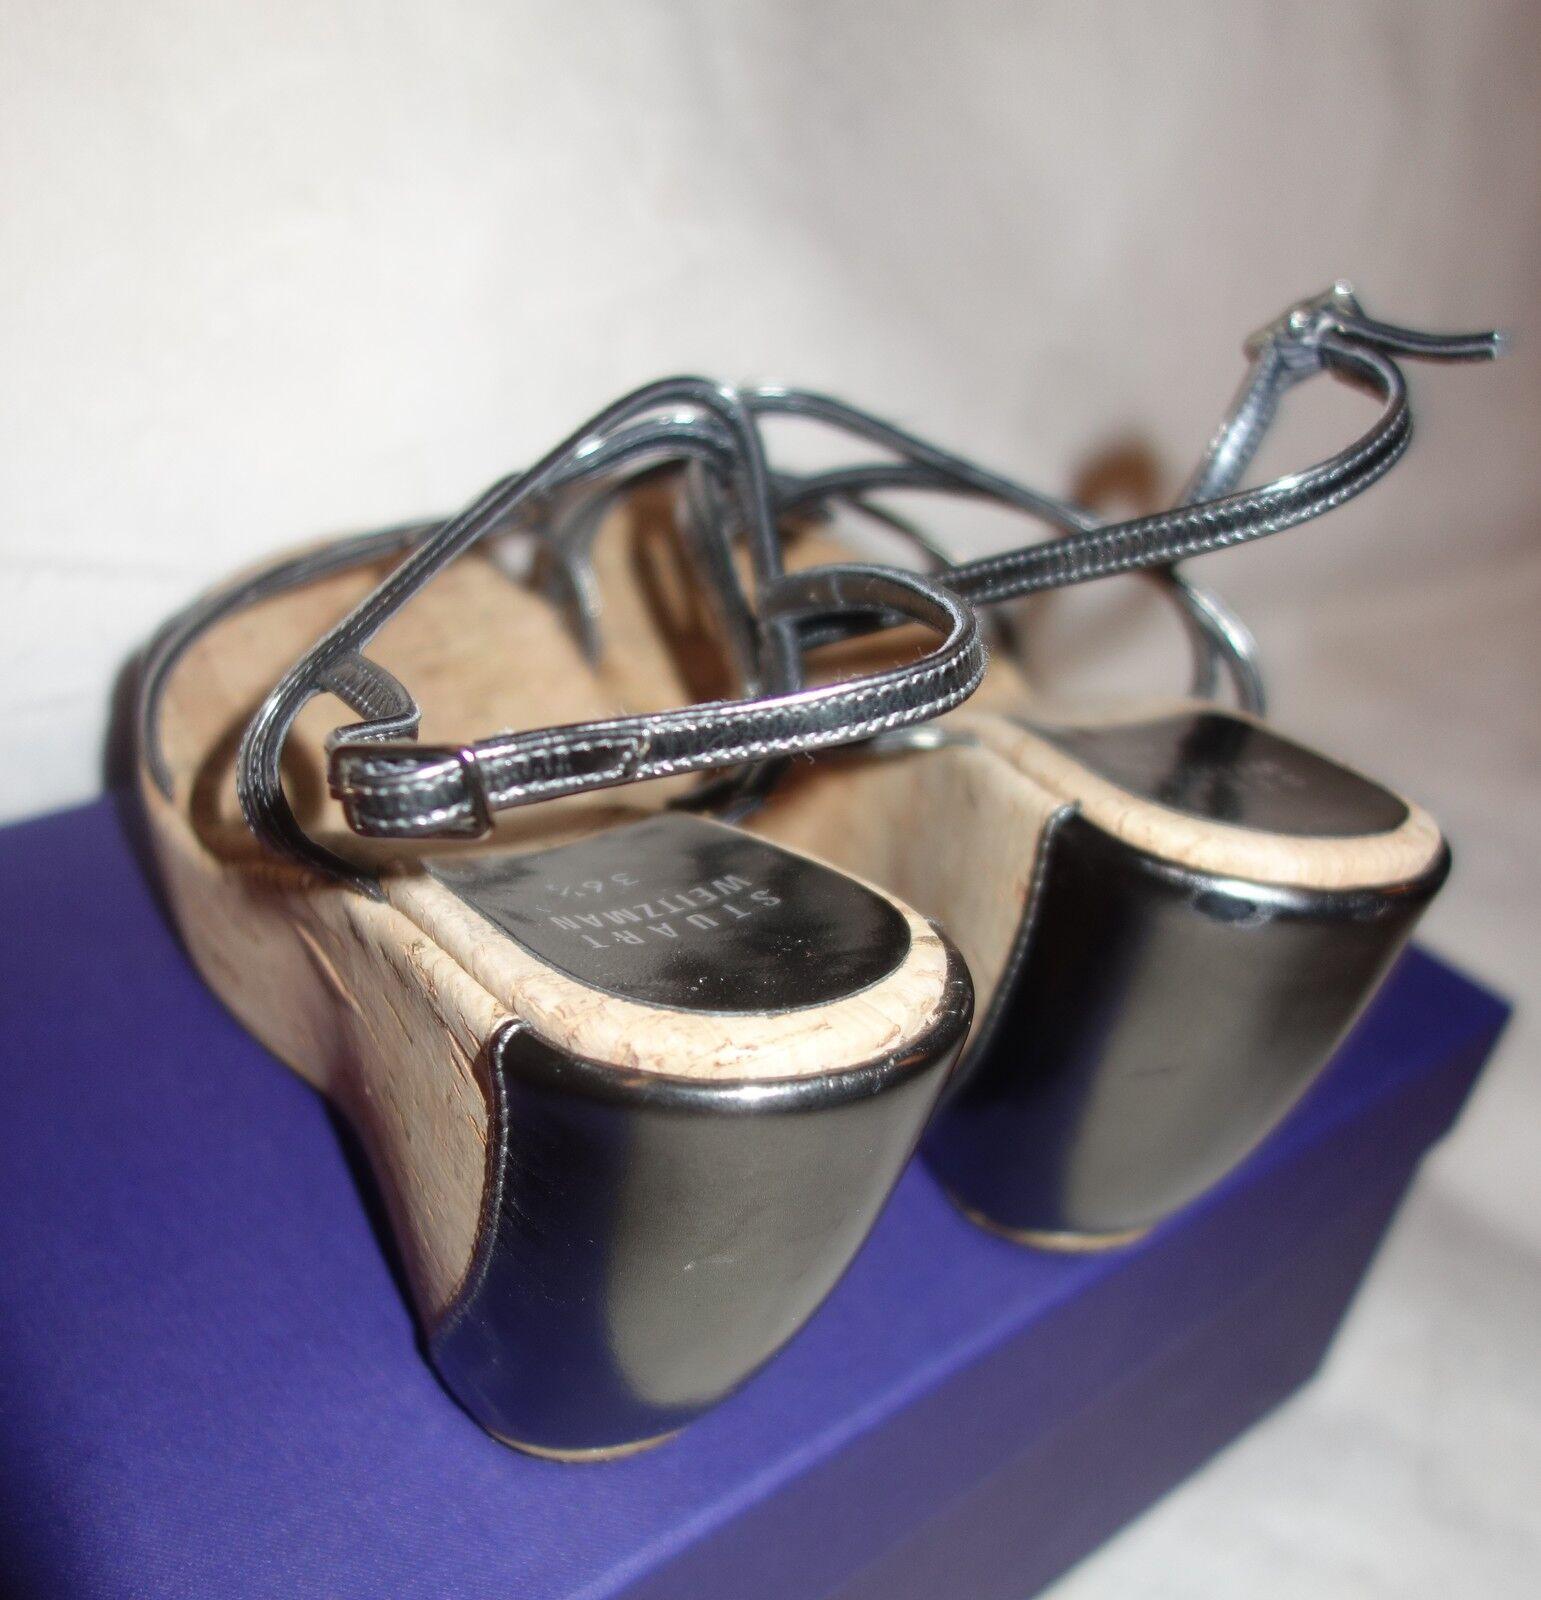 Stuart Weitzman Thrill Platforms Wedges Open Toe Sandales Schuhes sz sz Schuhes 36.5 US SZ 6 831edc